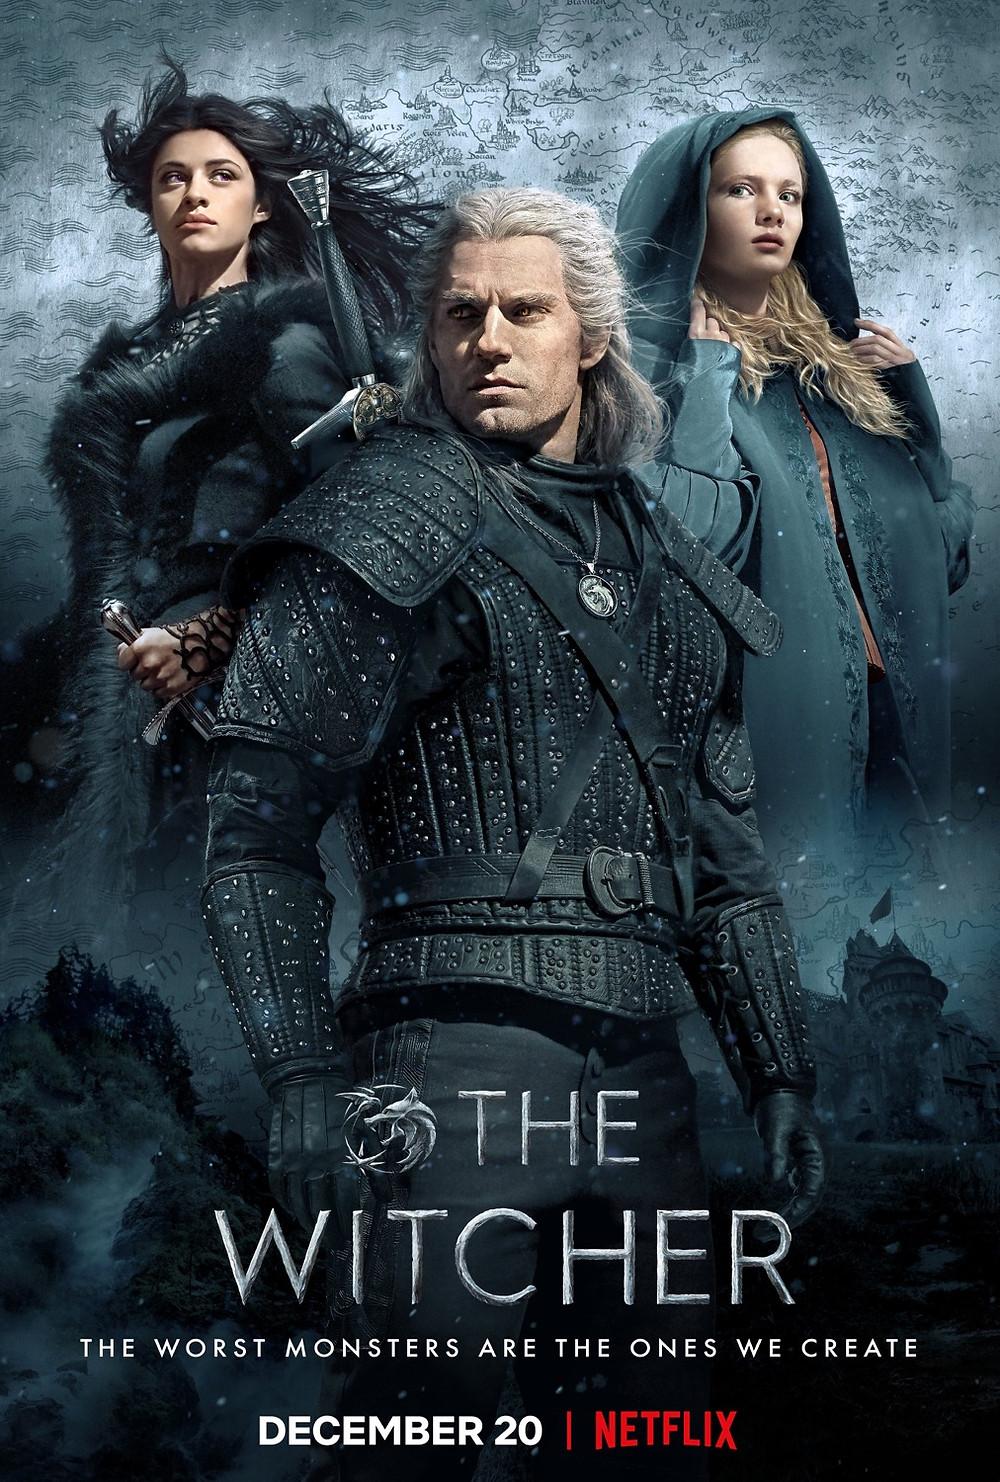 the witcher, netflix, show, henry cavill, geralt